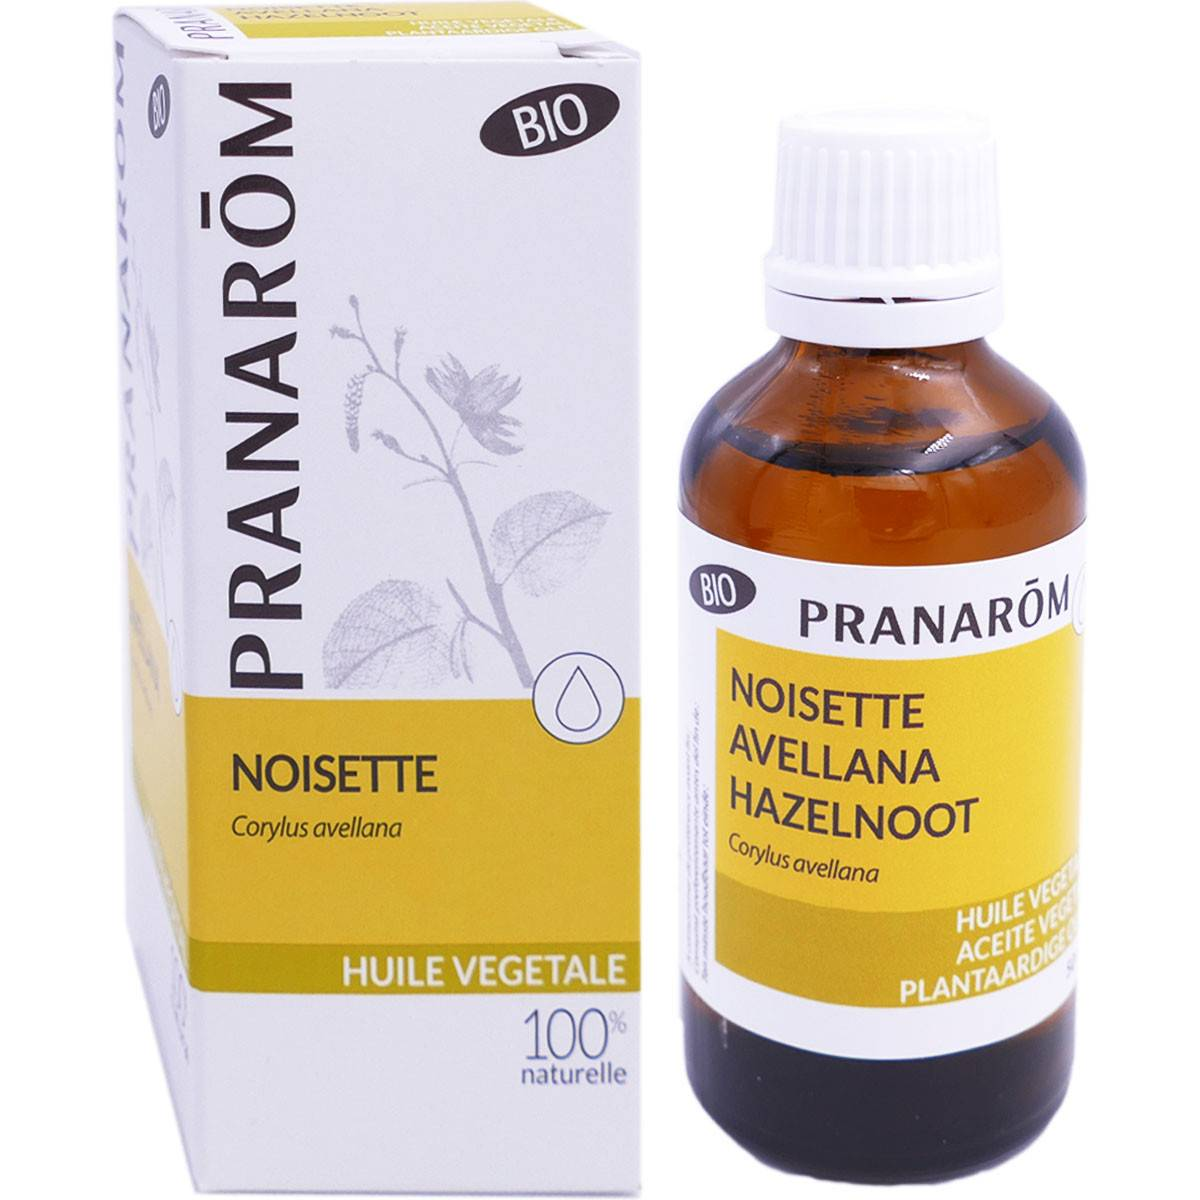 Pranarom huile vegetale bio noisette 50ml